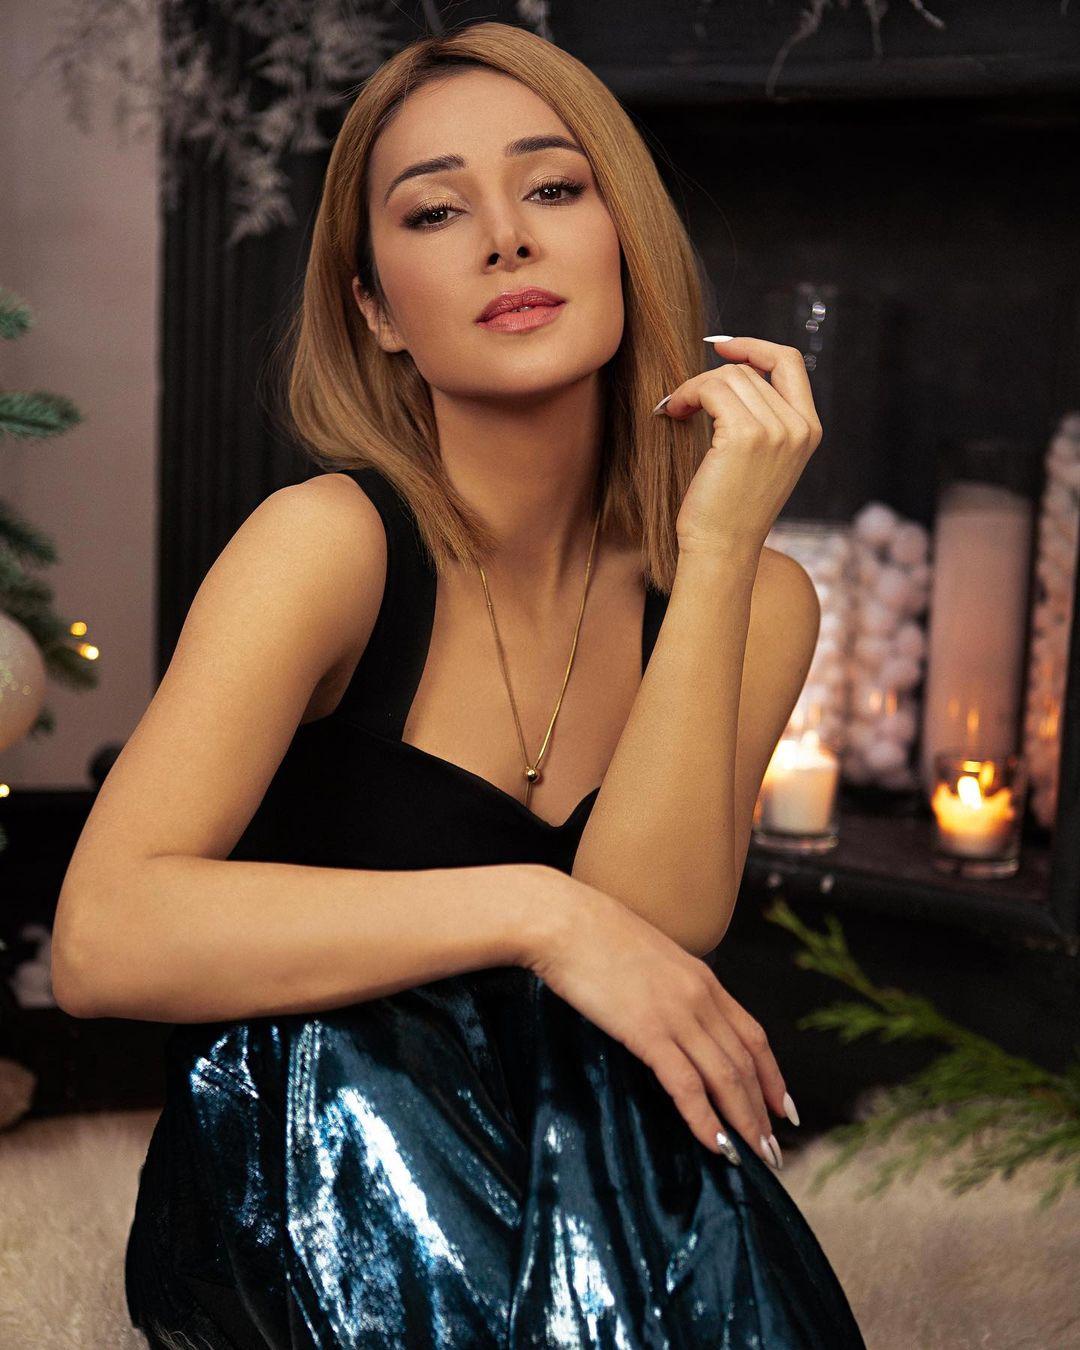 Злата Огневич показала свою сексуальность в обтягивающем платье